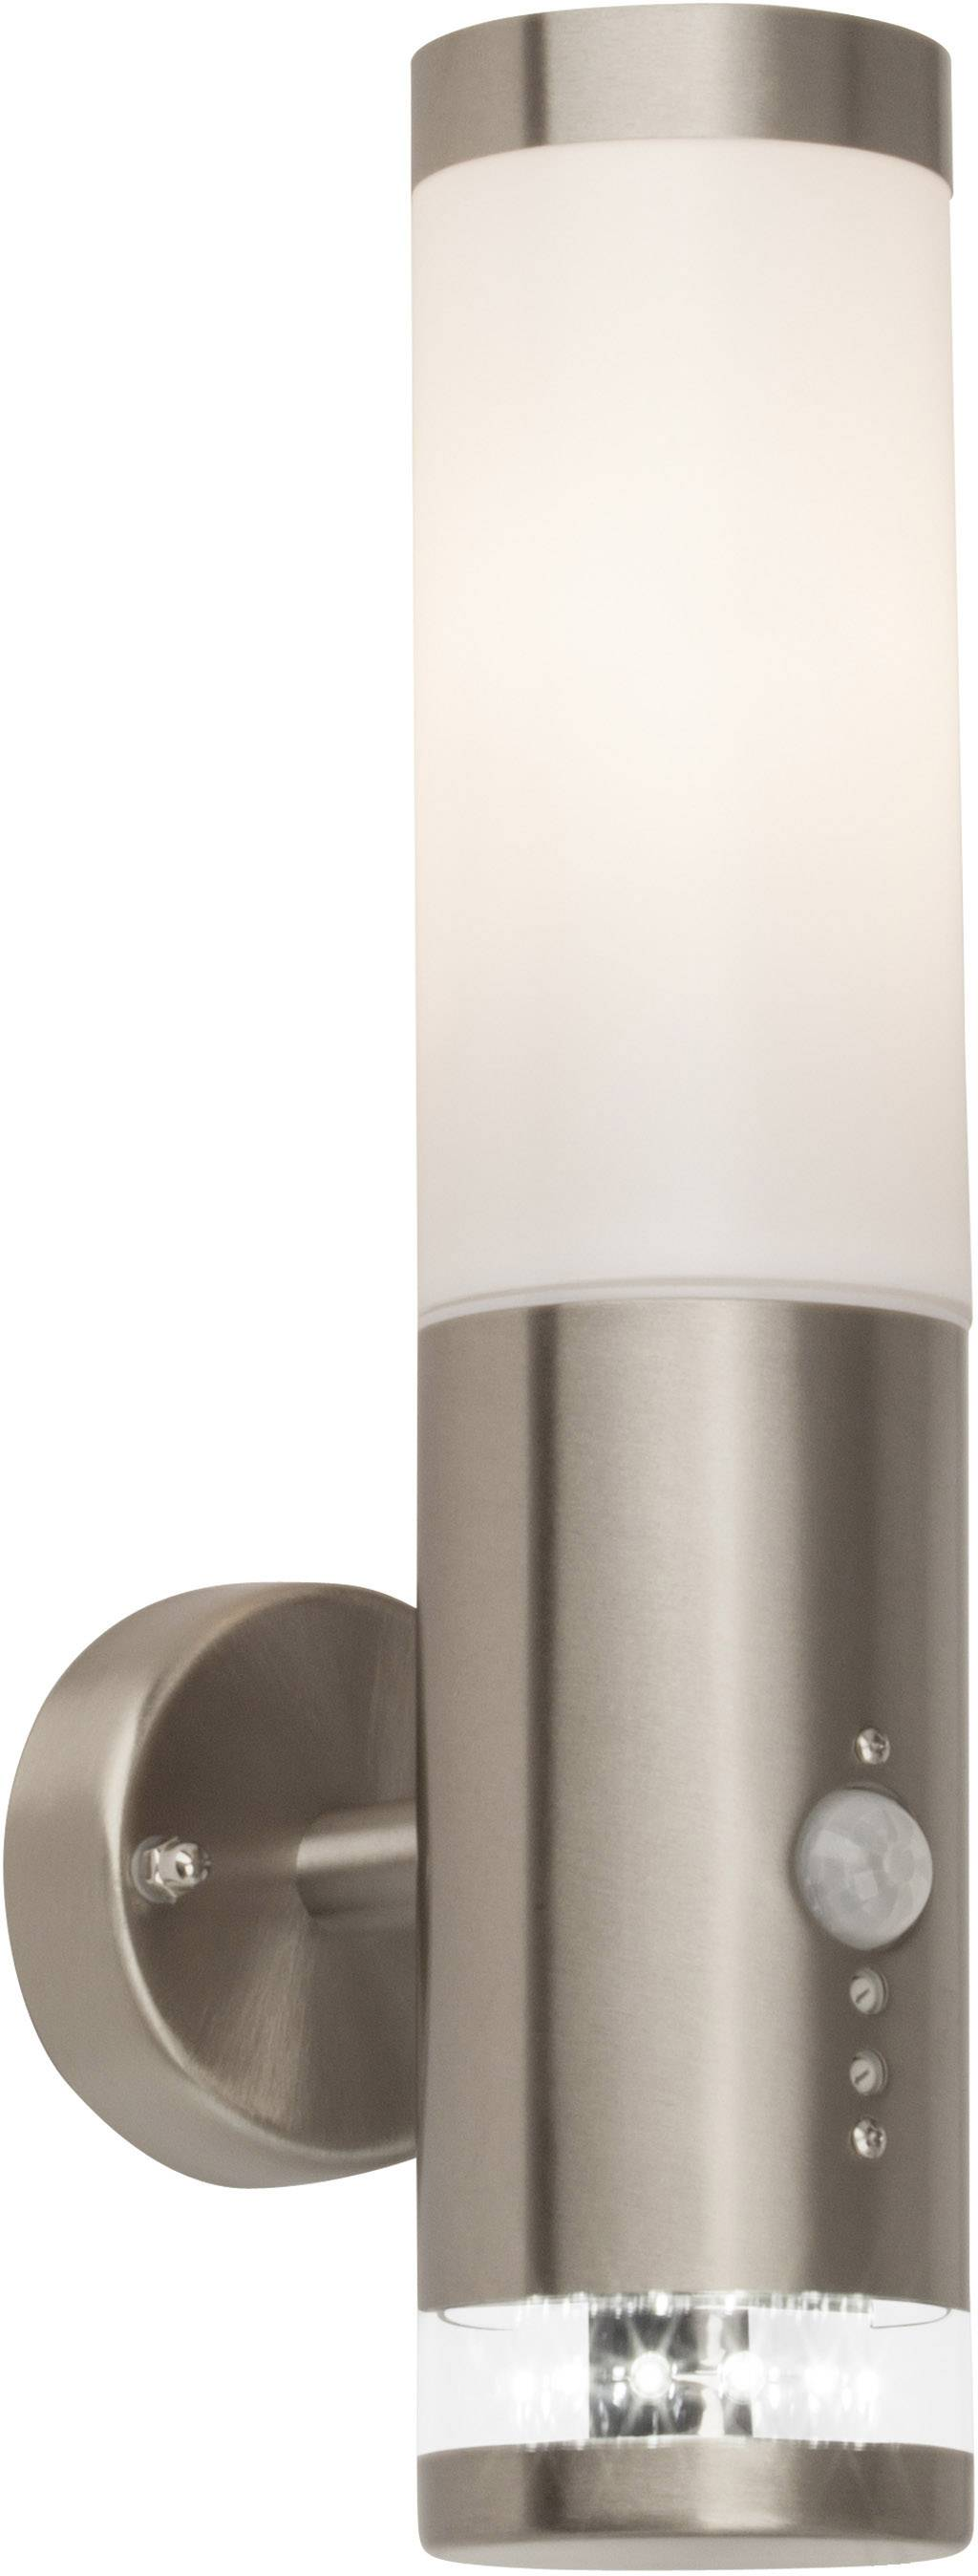 Venkovní nástěnné LED svítidlo Brilliant Bole, G96131/82, 60 W + LED